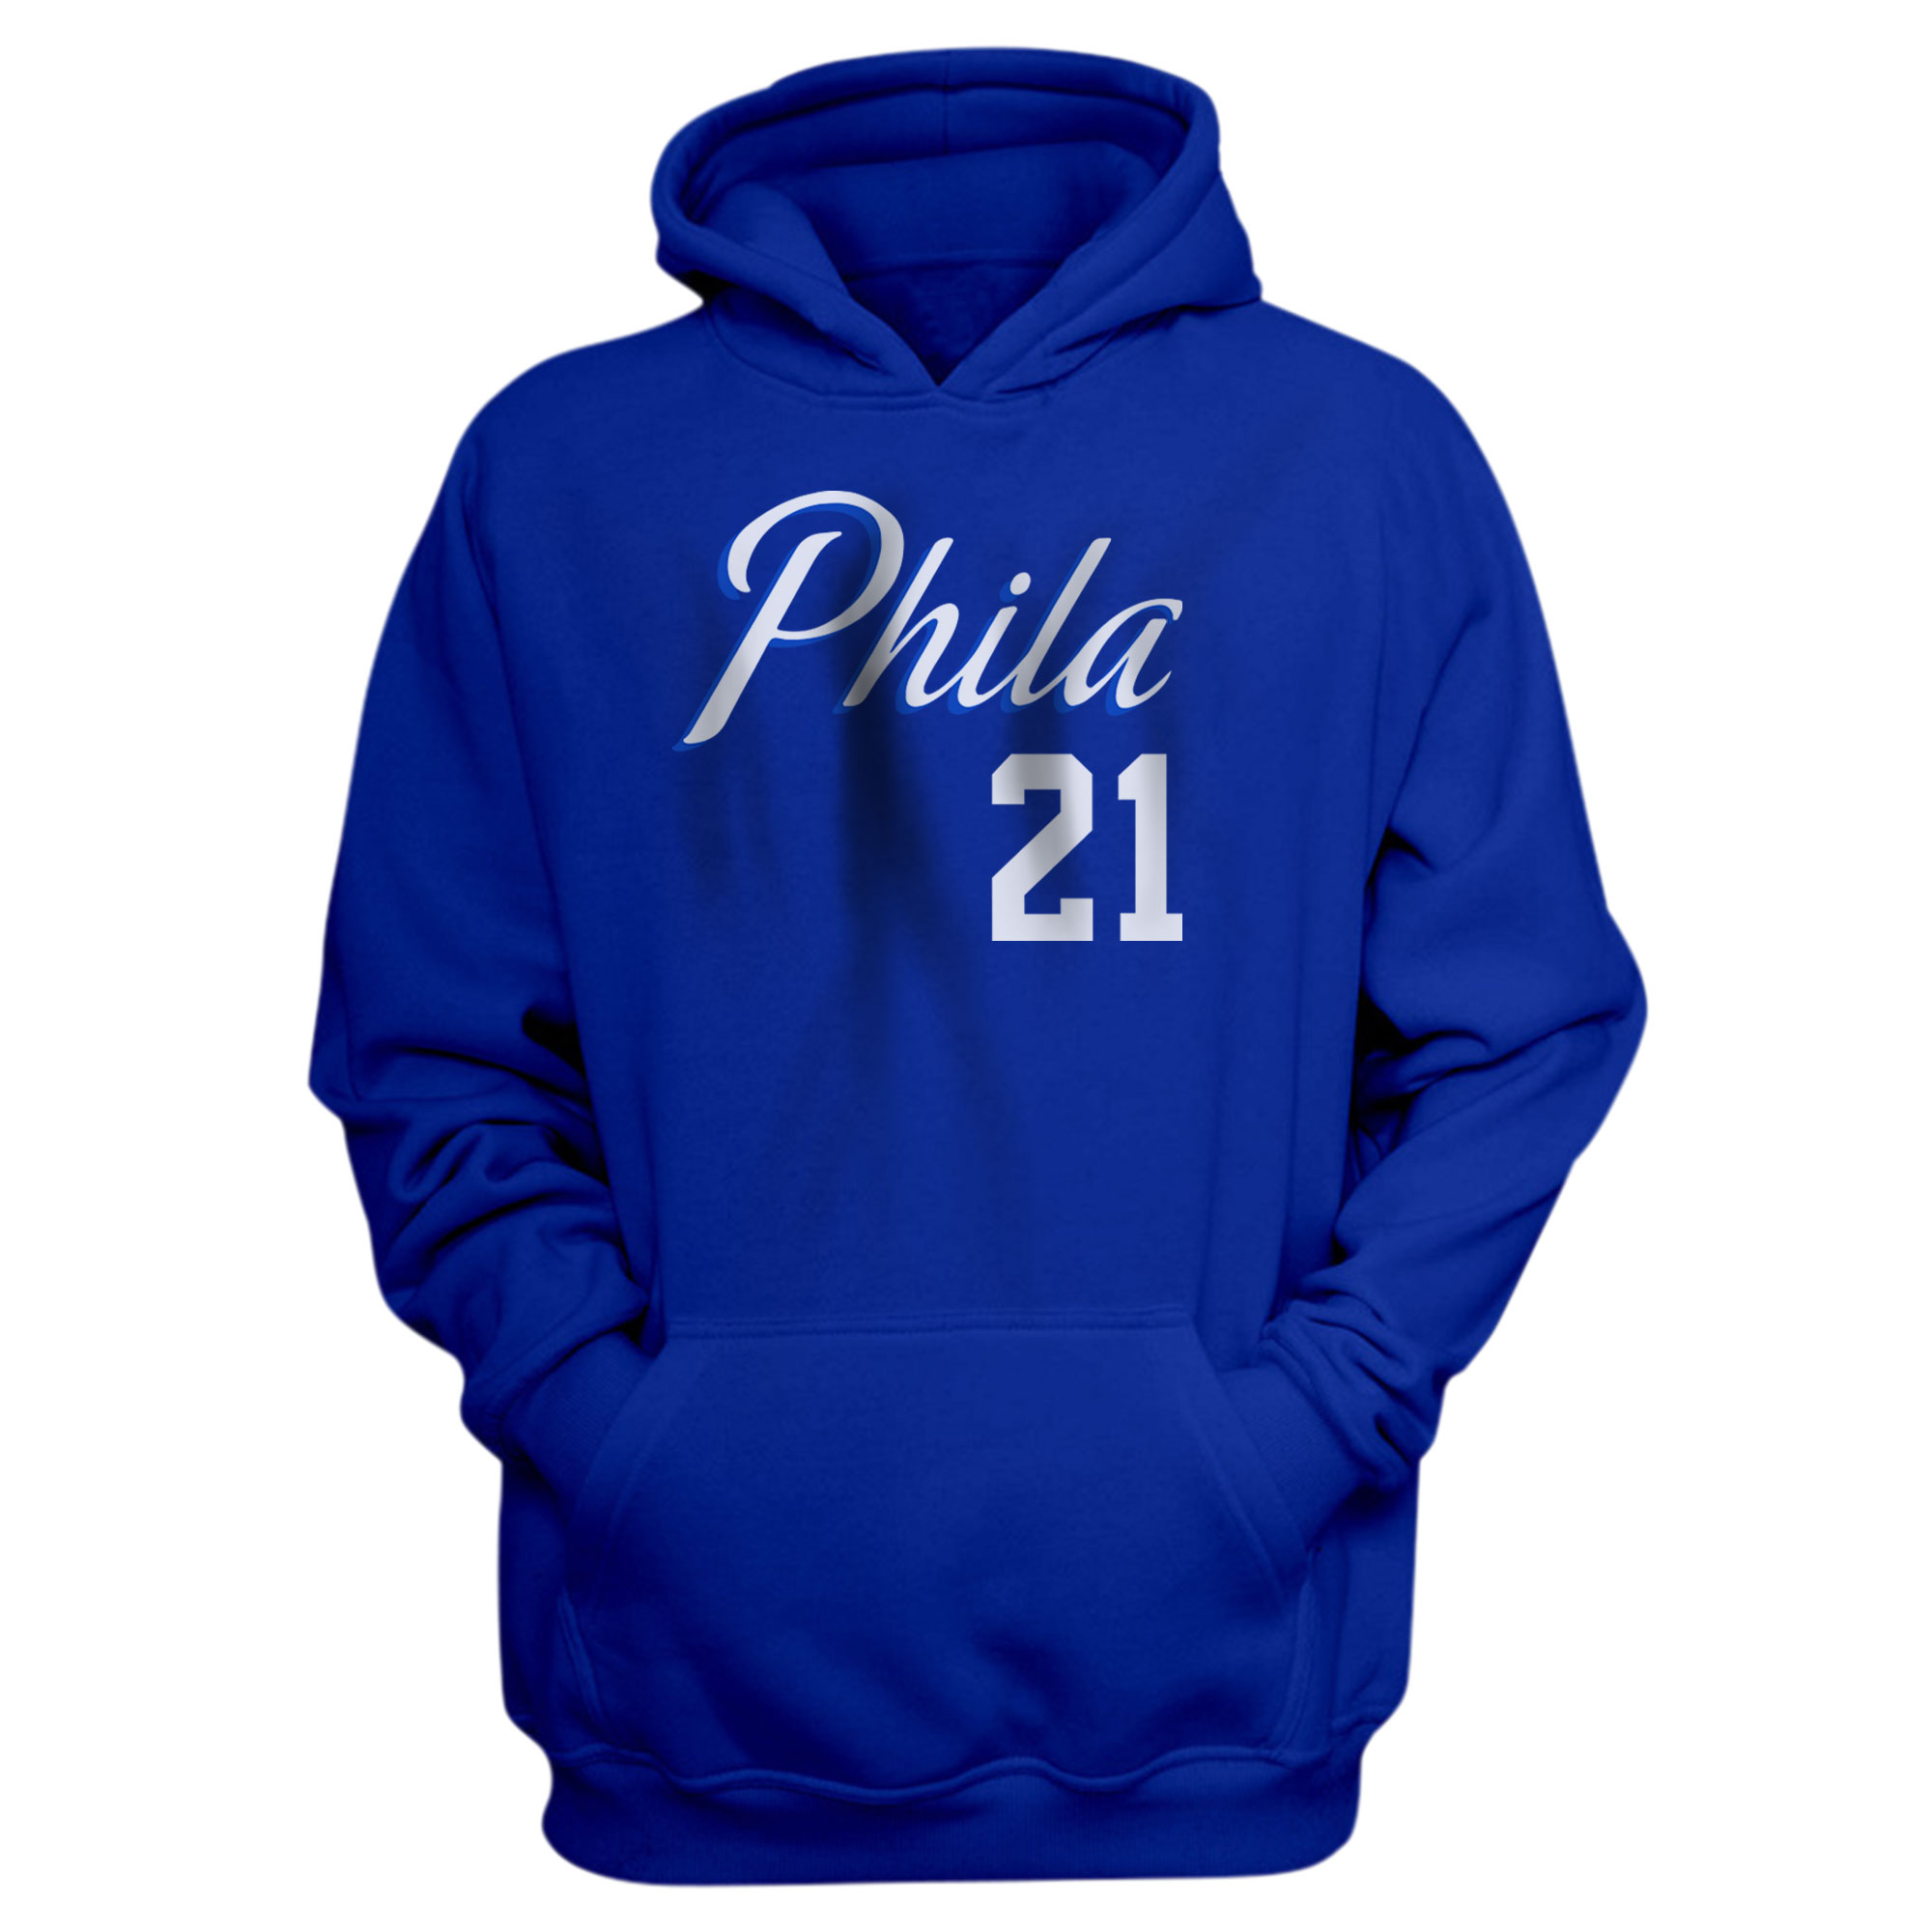 Philadelphia 76ers Joel Embiid Hoodie (HD-BLU-NP-504-21)